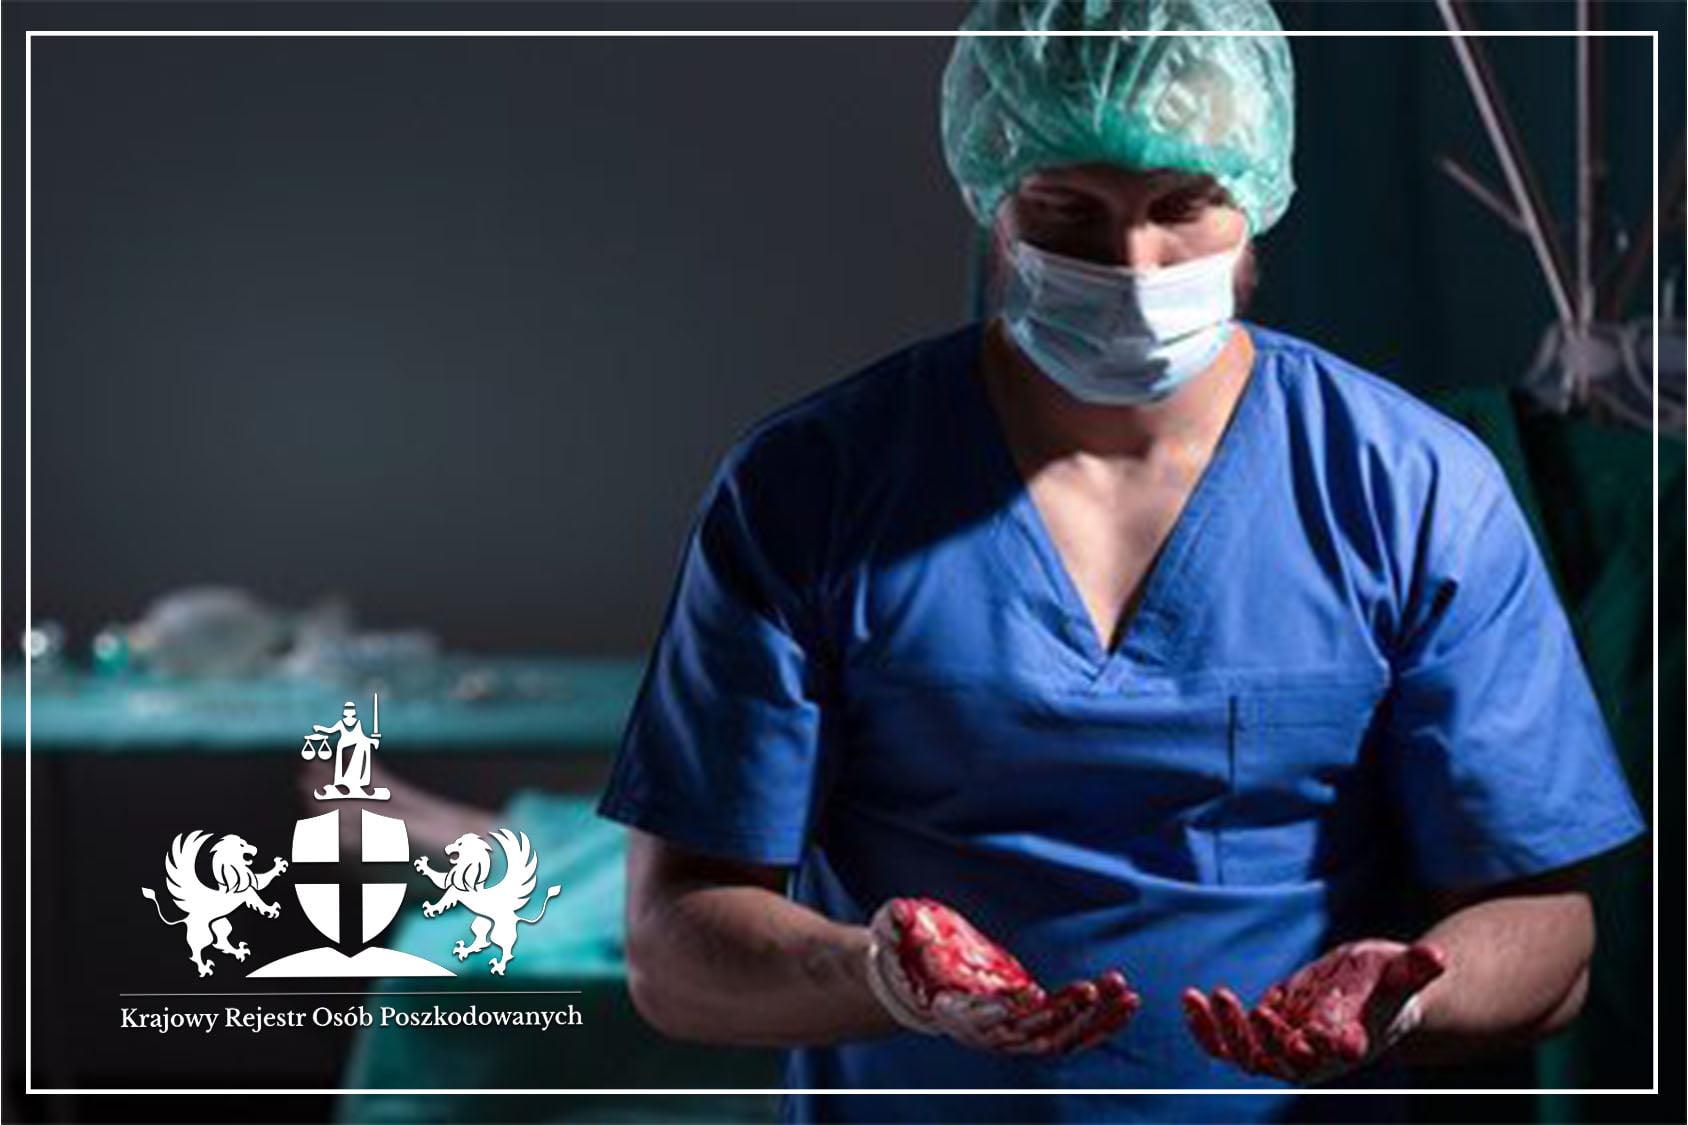 Odszkodowanie i zadośćuczynienie zaśmierć pacjenta